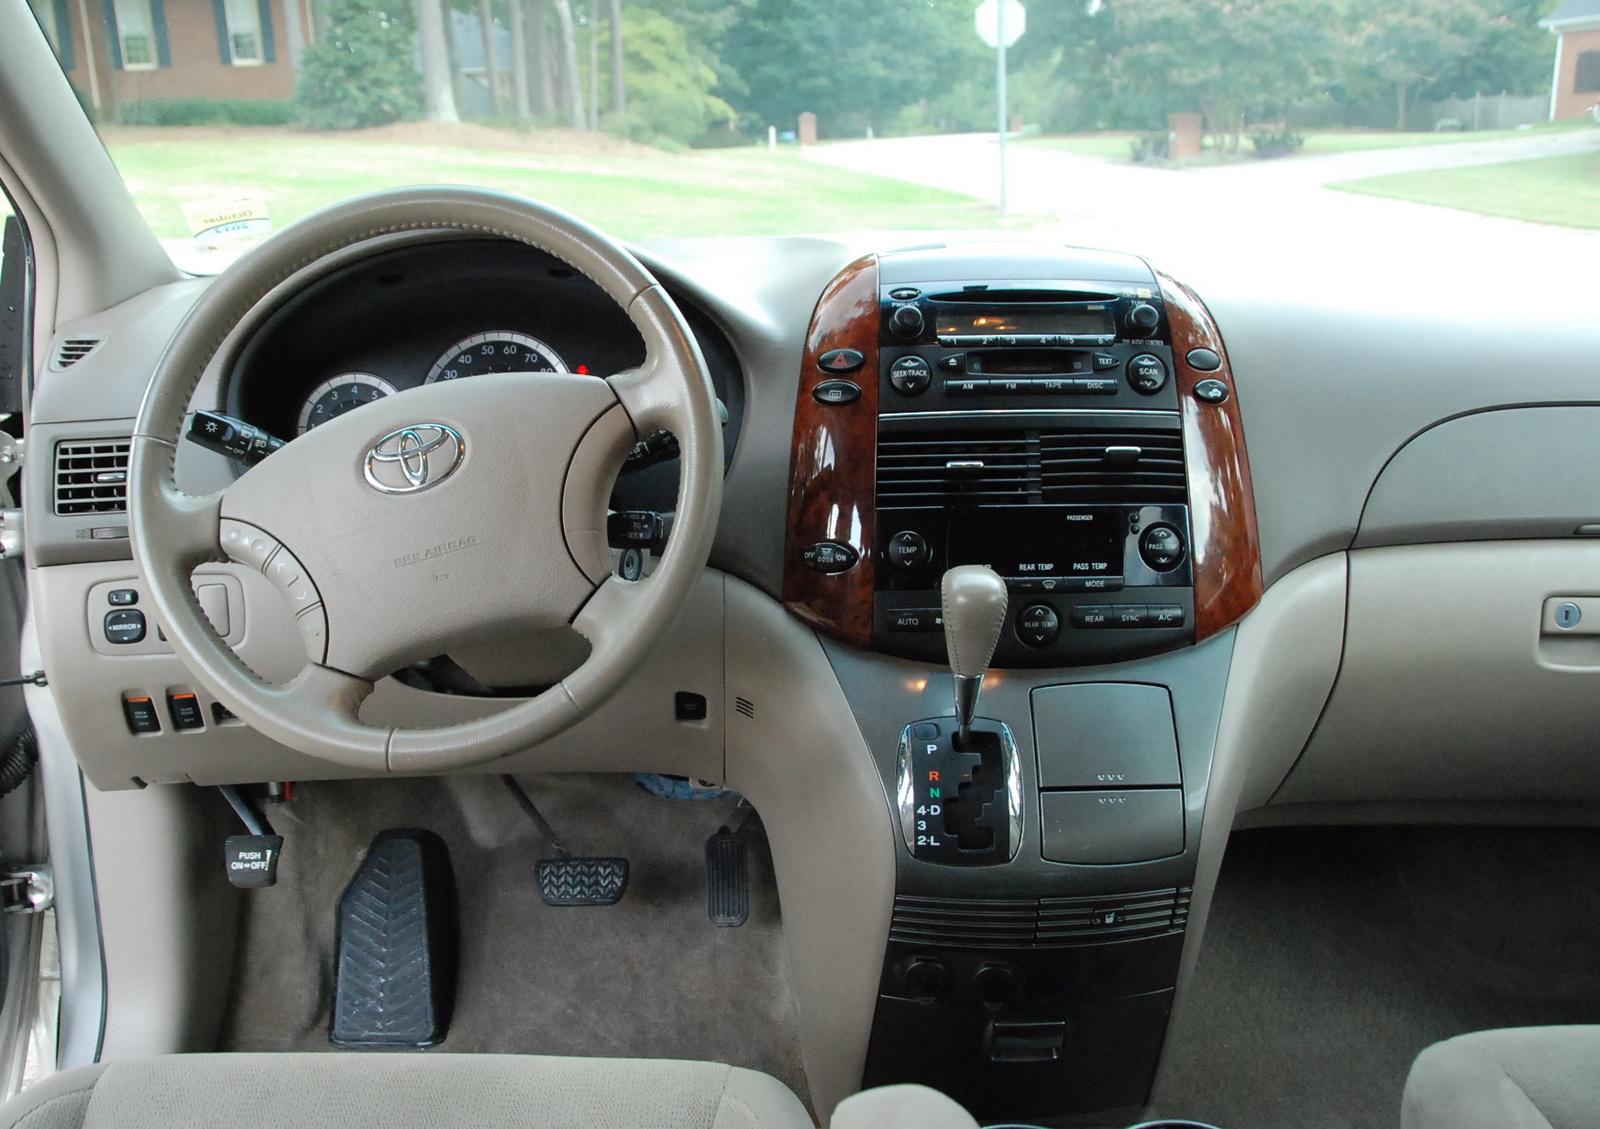 2005 Toyota Sienna Interior Pictures Cargurus